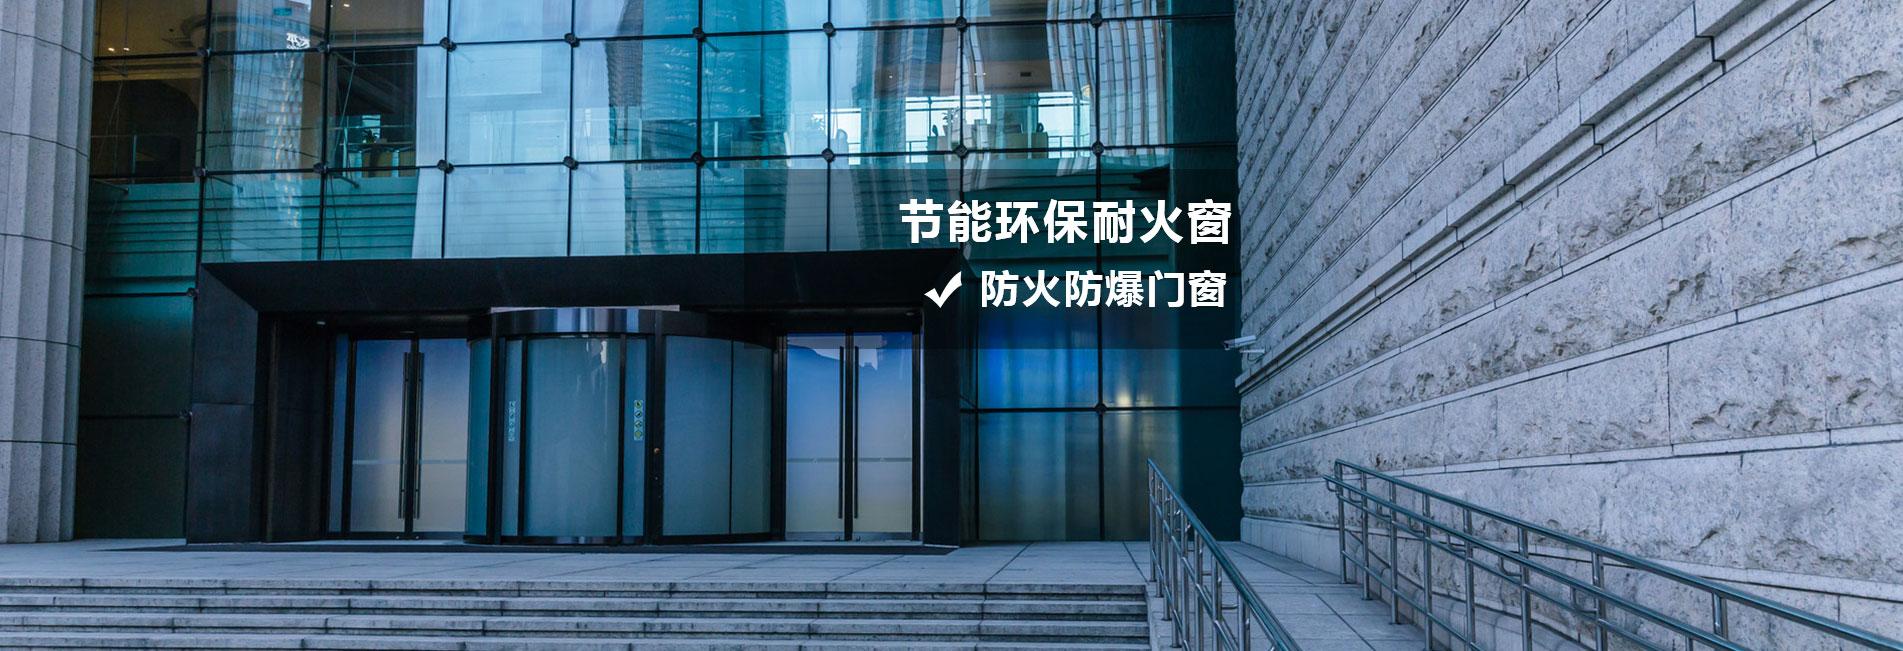 重庆防火门窗厂家